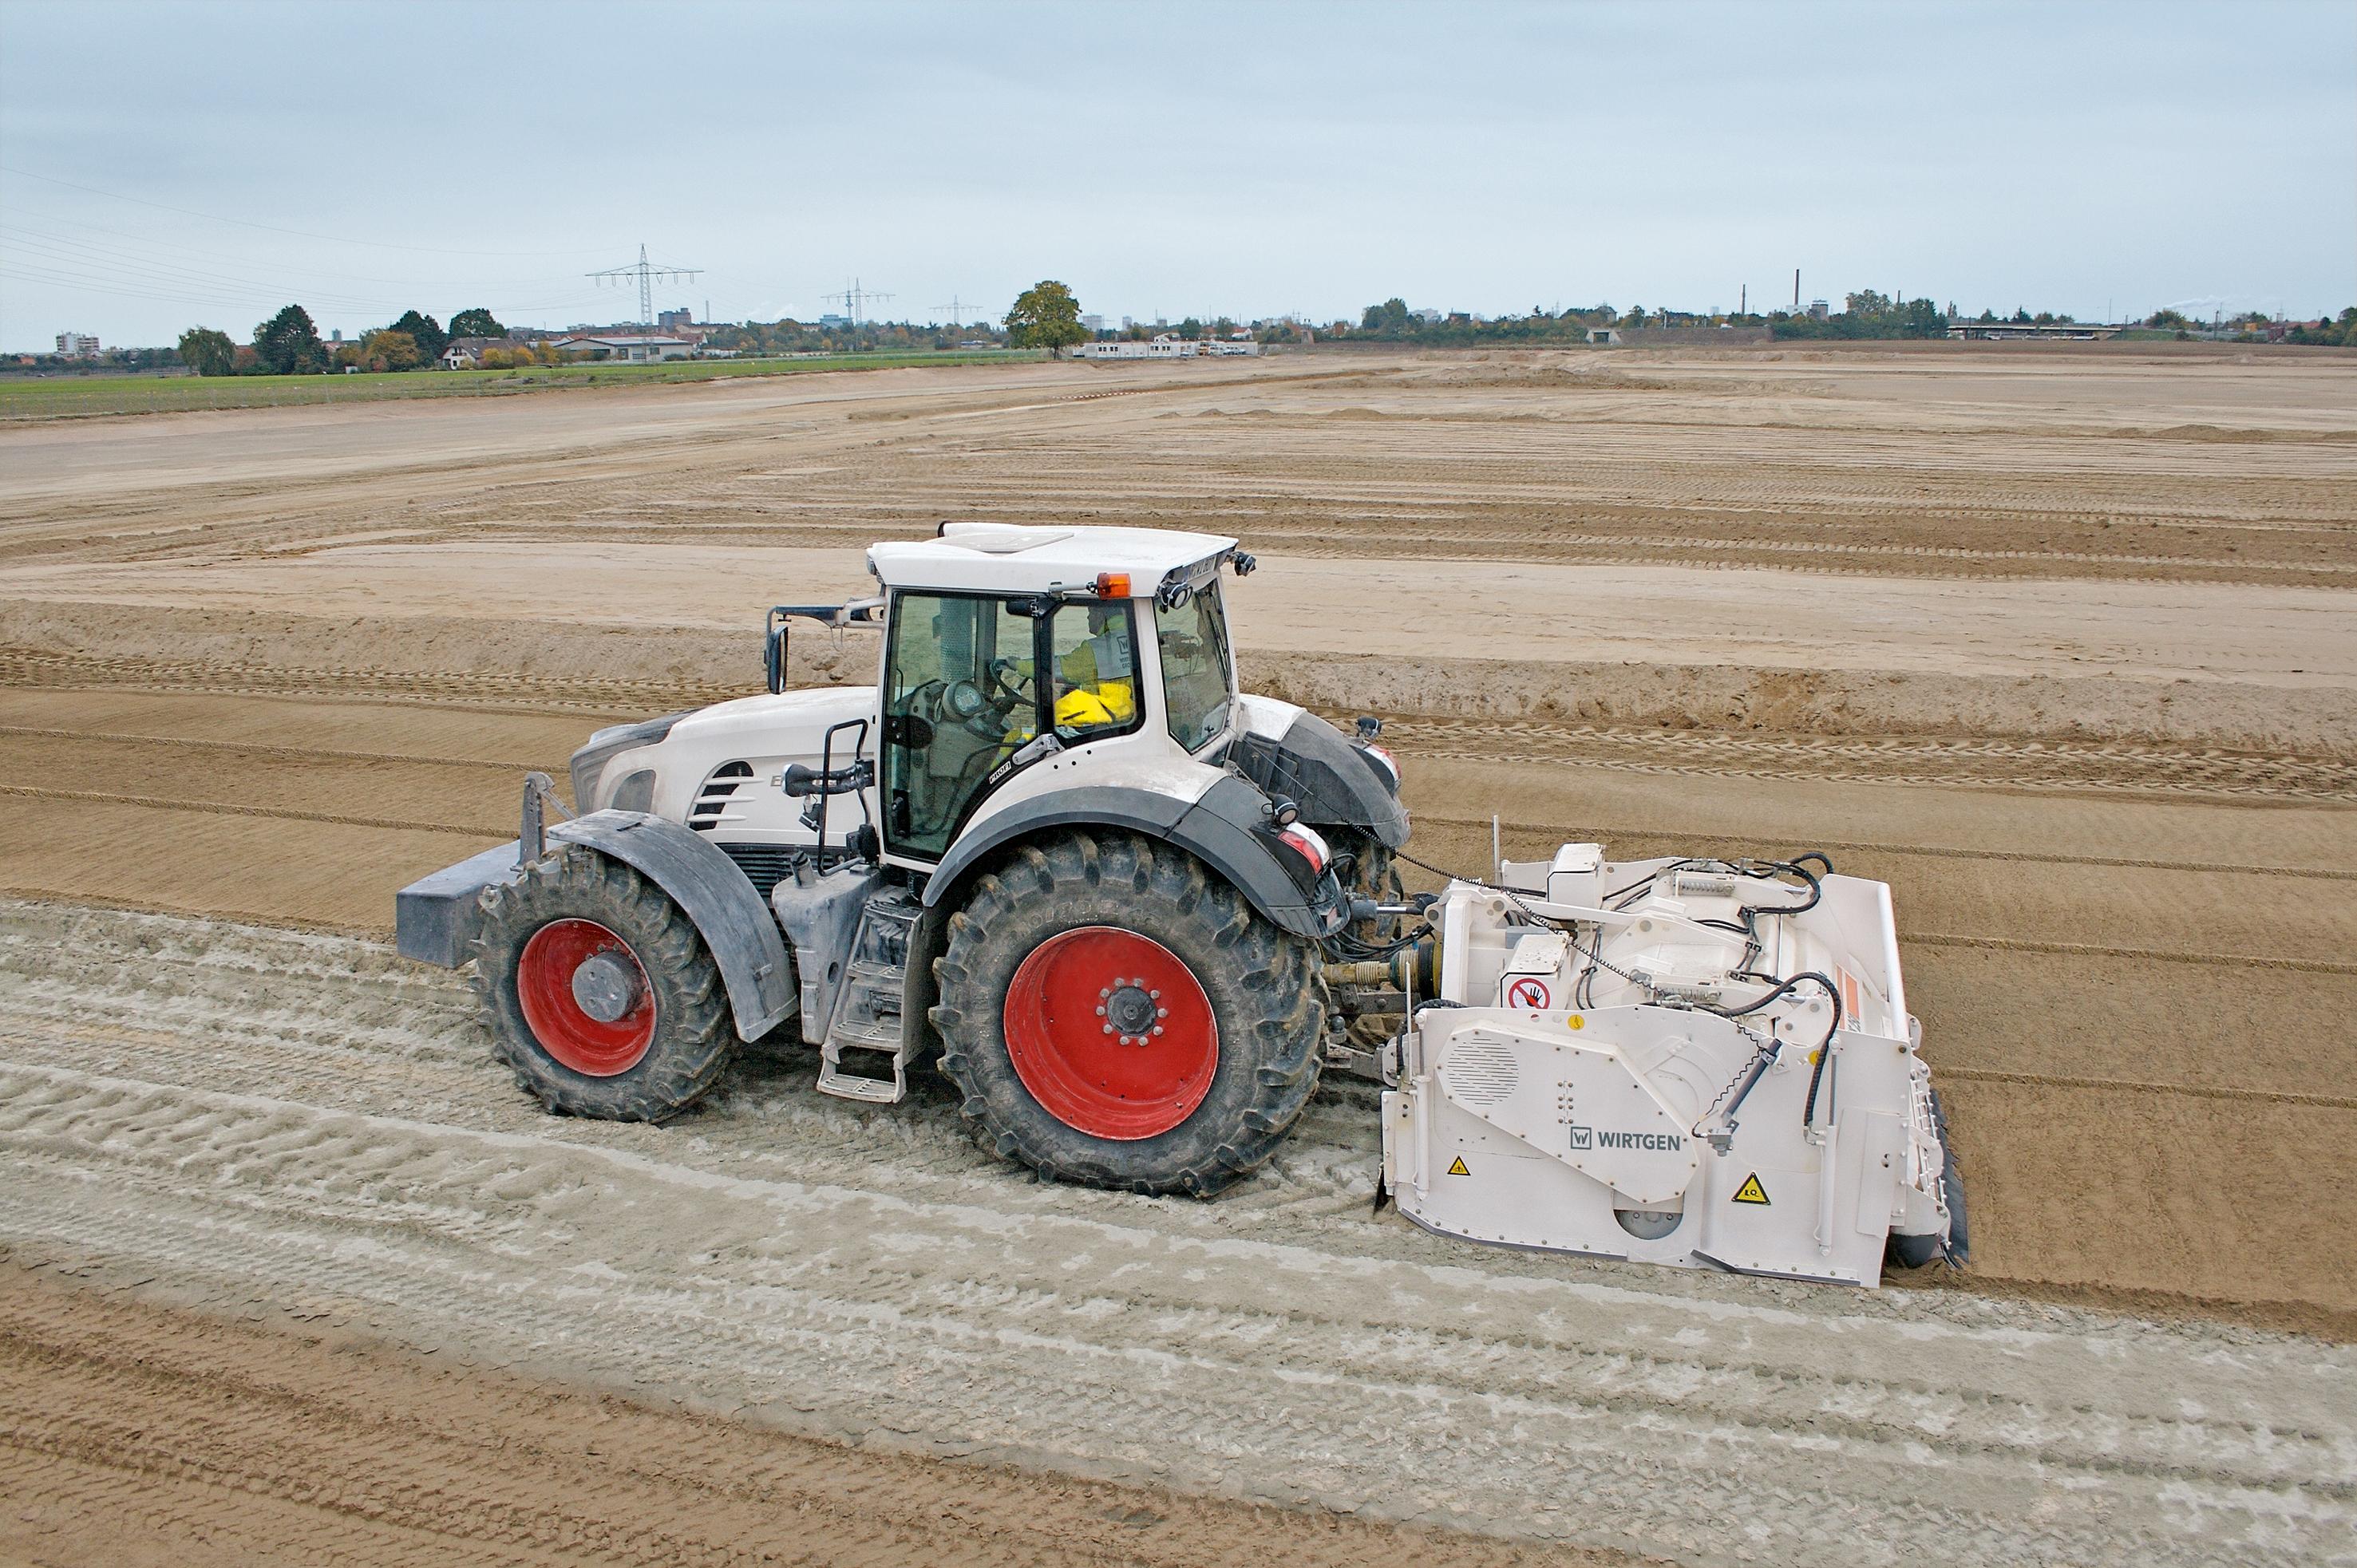 Bodenstabilisierung bewährt sich bereits seit Jahrzehnten als kostengünstiges und umweltfreundliches Verfahren. Die kompakte Einheit Wirtgen WS 250 überzeugt durch das durchdachte Konzept und ihre wirtschaftliche Arbeitsweise. Geringes Eigengewicht und kompakte Abmessungen erleichtern den Transport von und zu der Baustelle.